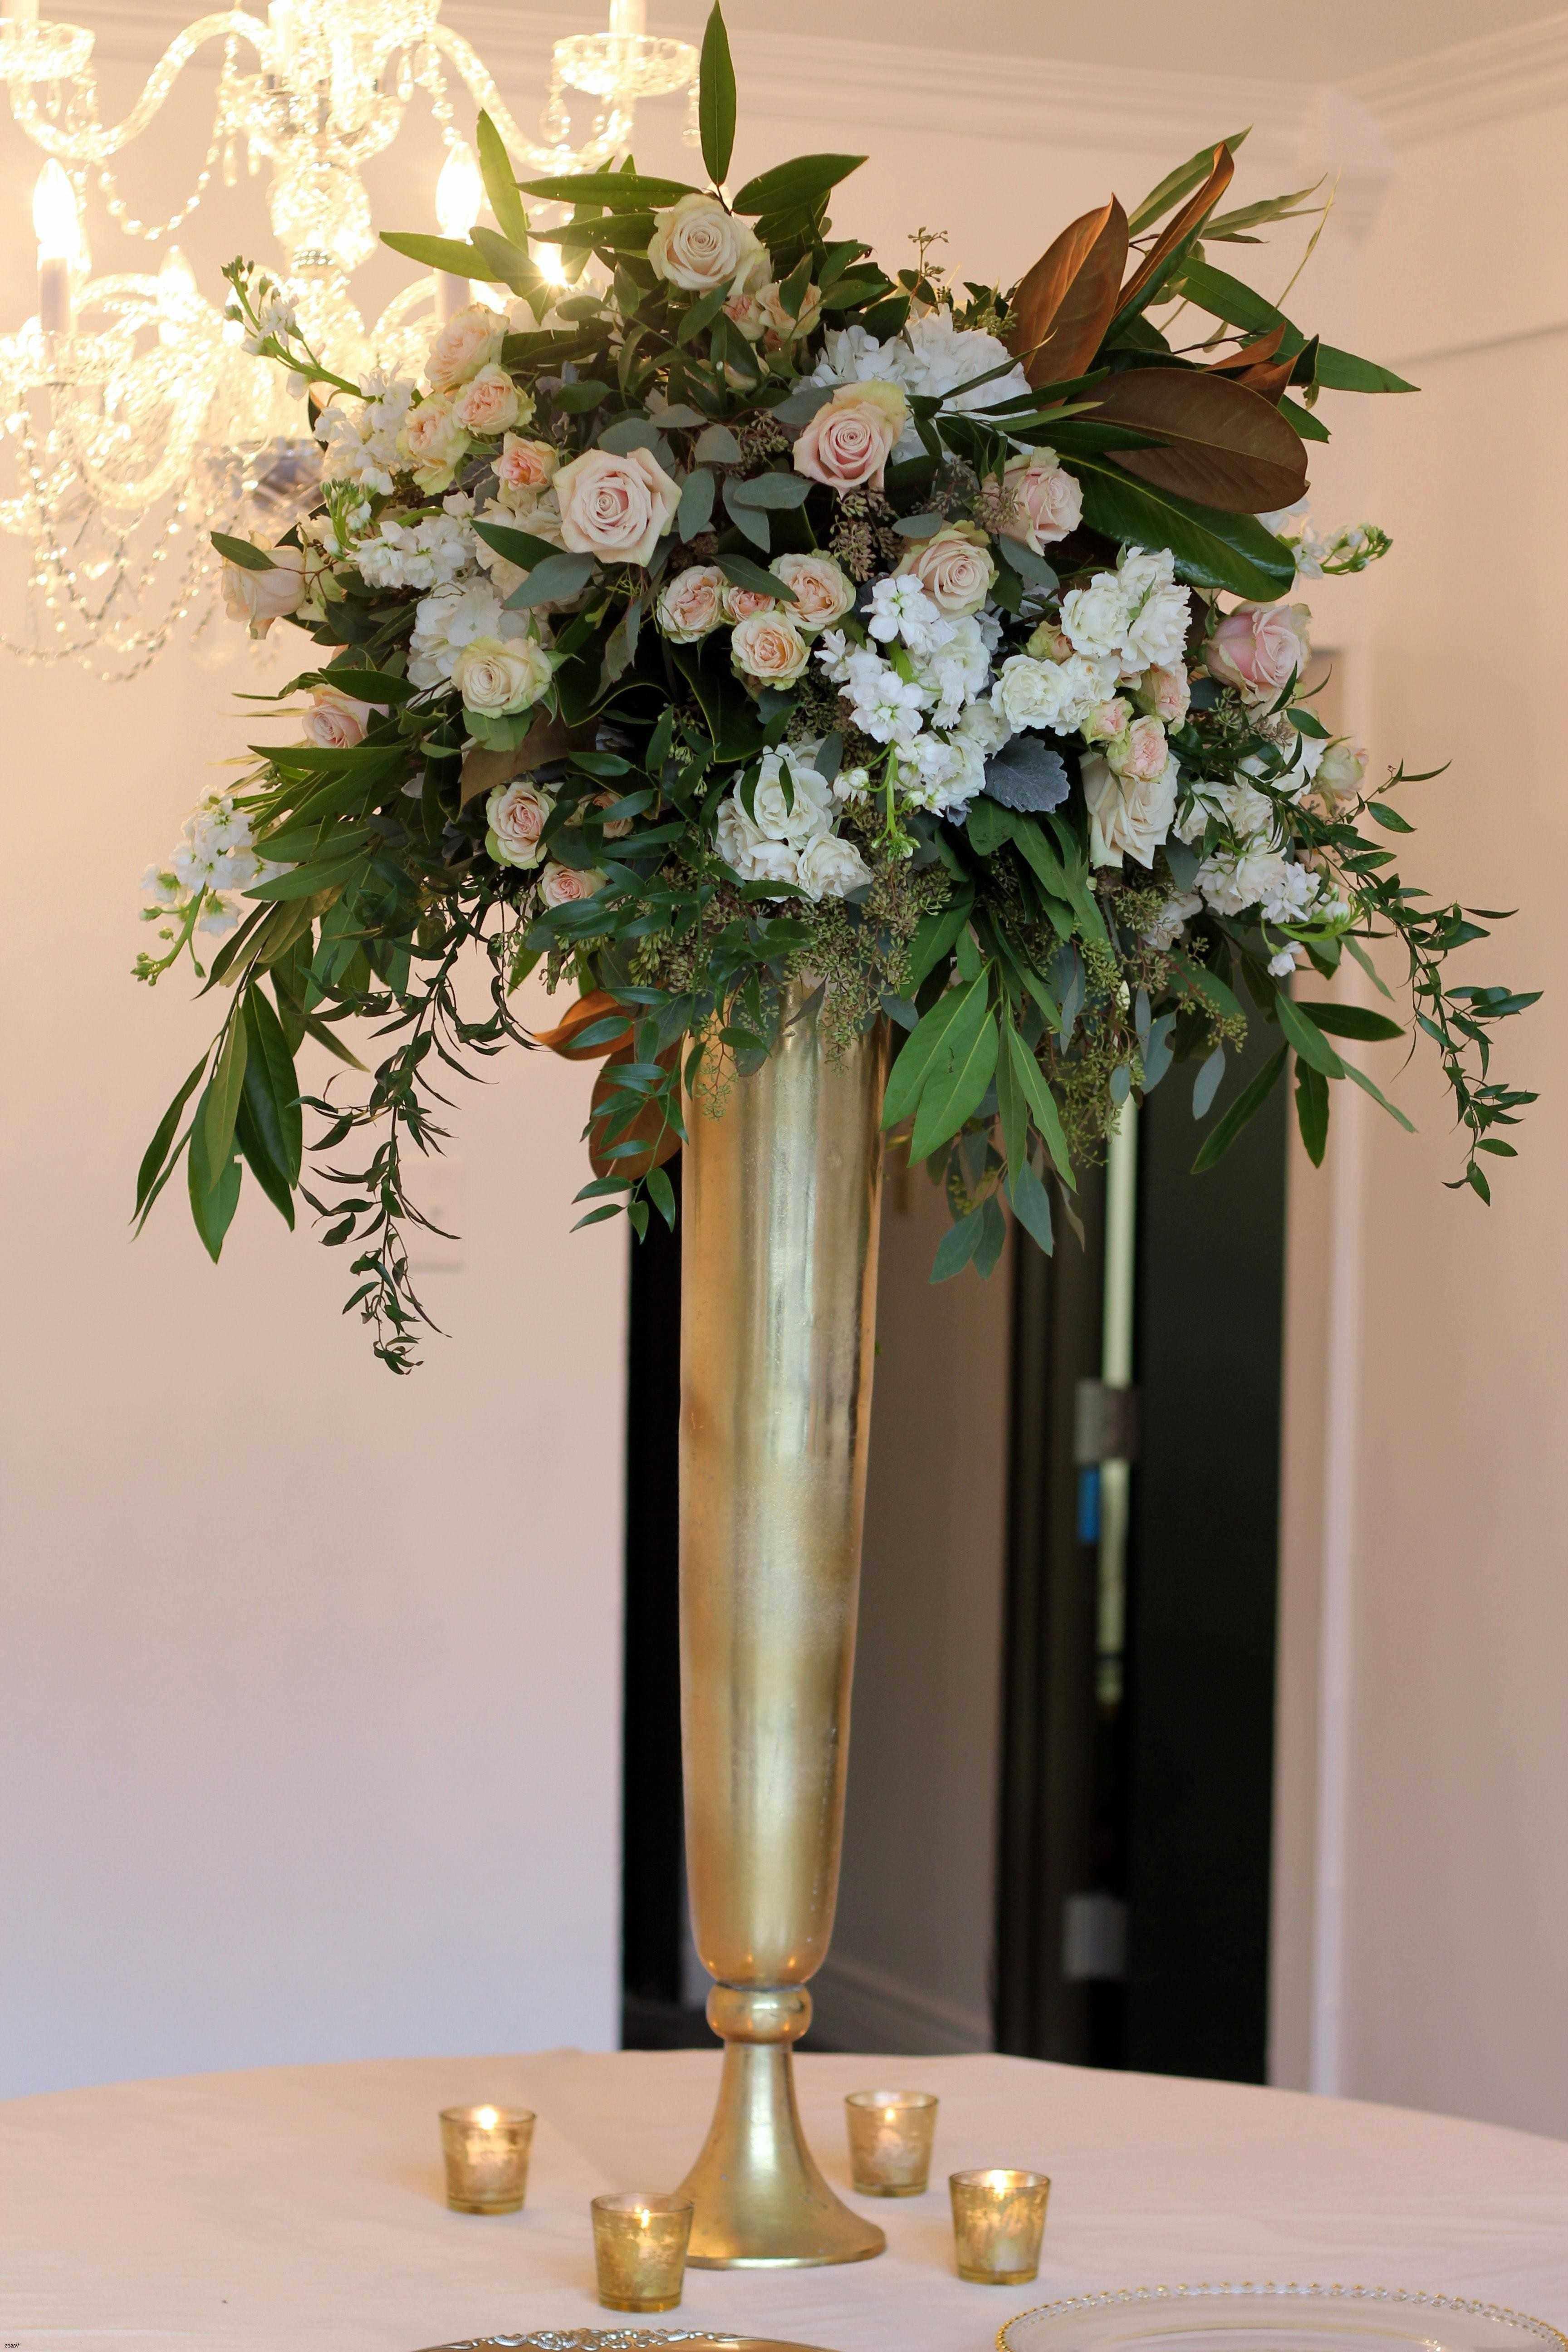 cheap flower vases bulk of 15 beautiful rose gold vases bulk bogekompresorturkiye com in bulk wedding flowers new living room gold vases bulk luxury nautical centerpieceh vases 60 inspirational